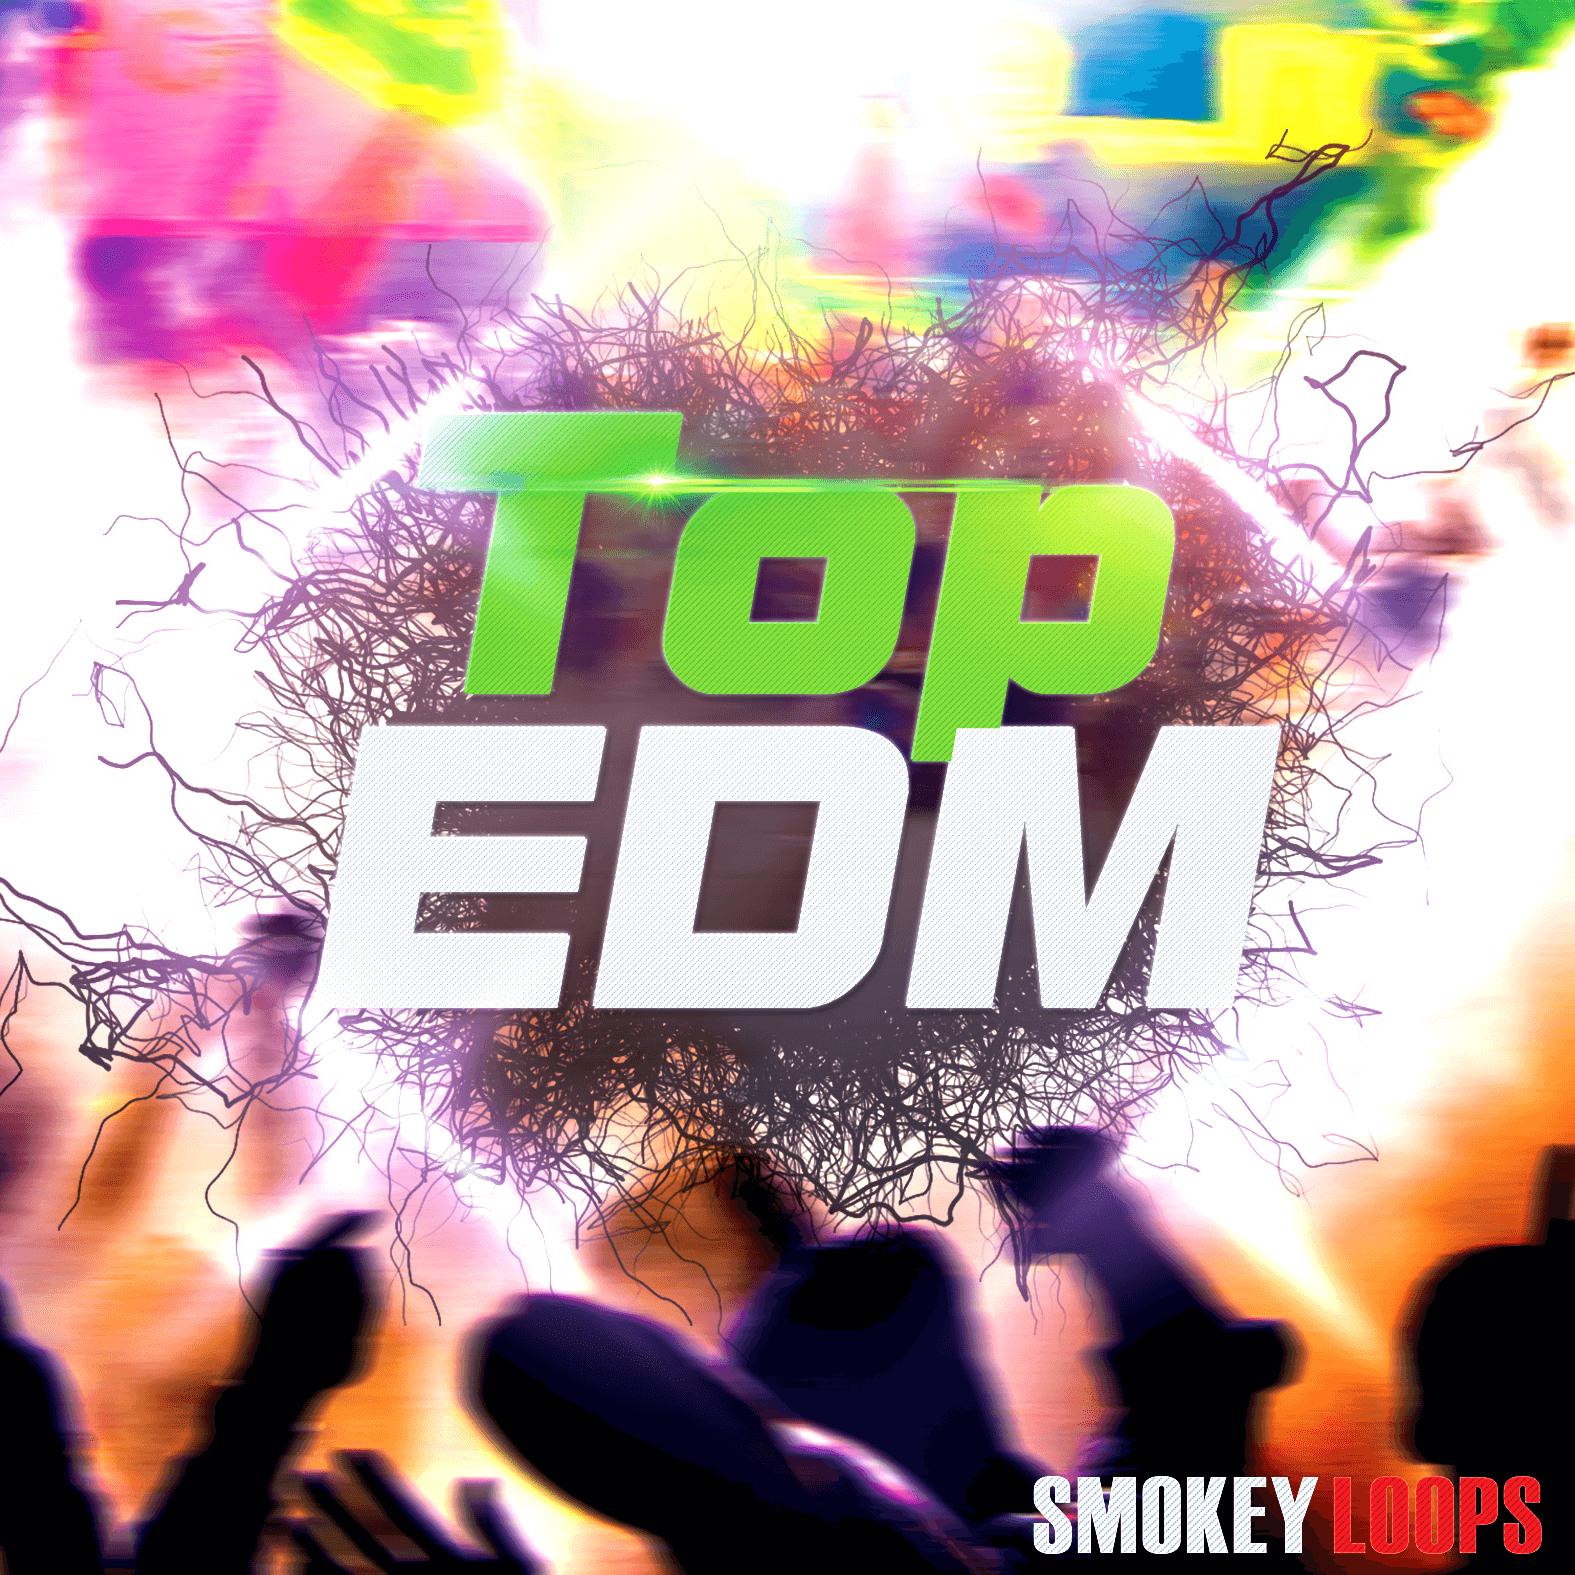 Top EDM